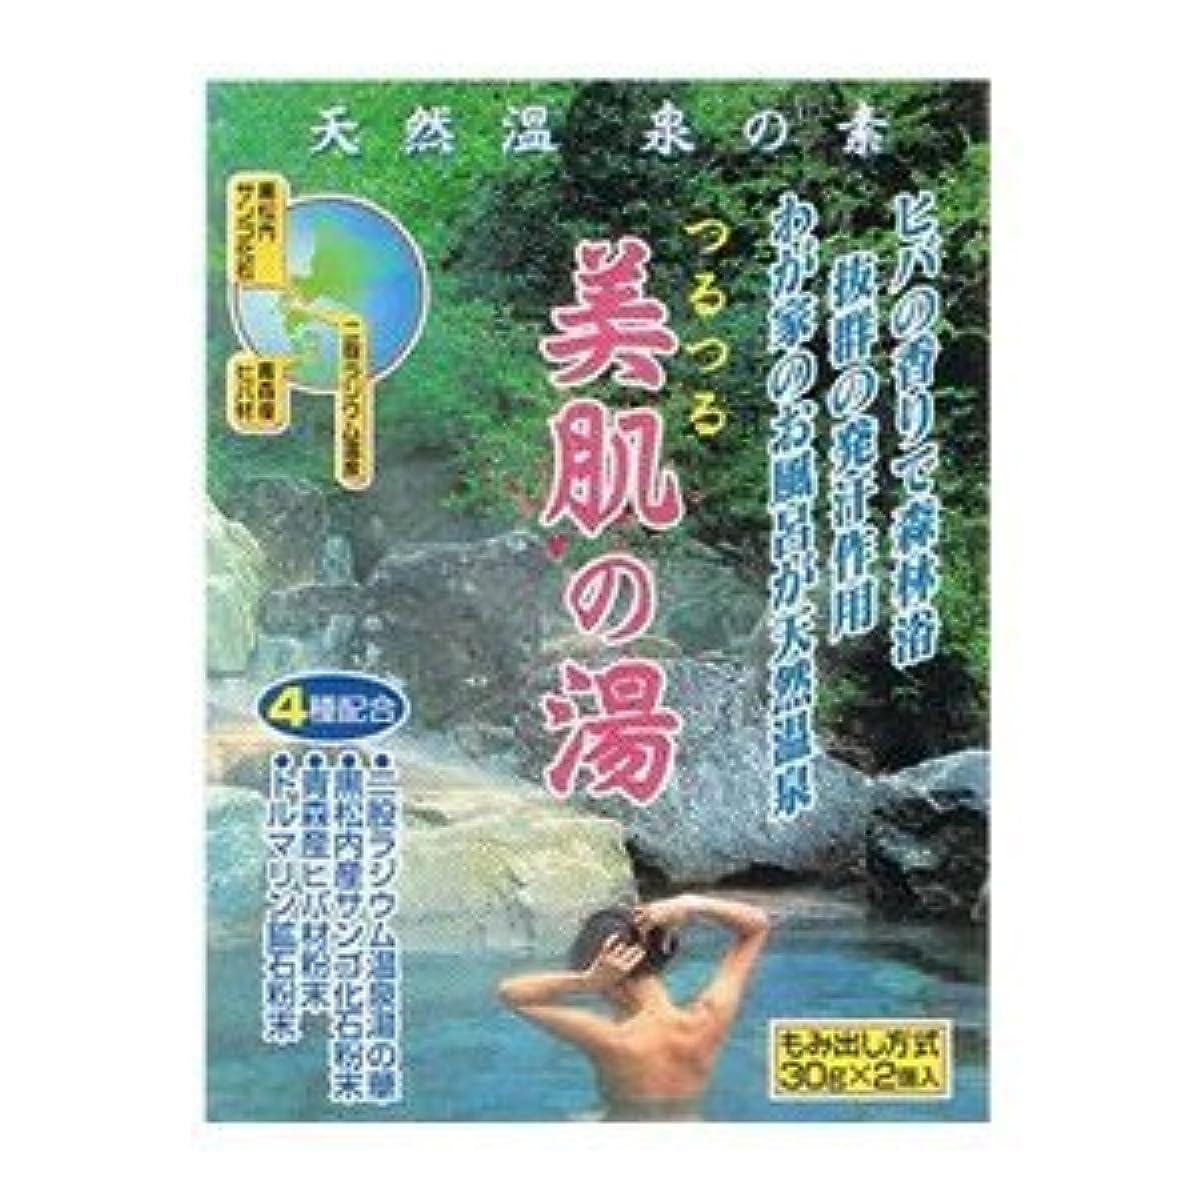 折り目教会ダウンタウン天然温泉の素 美肌の湯 (30g×2個入)×18袋セット